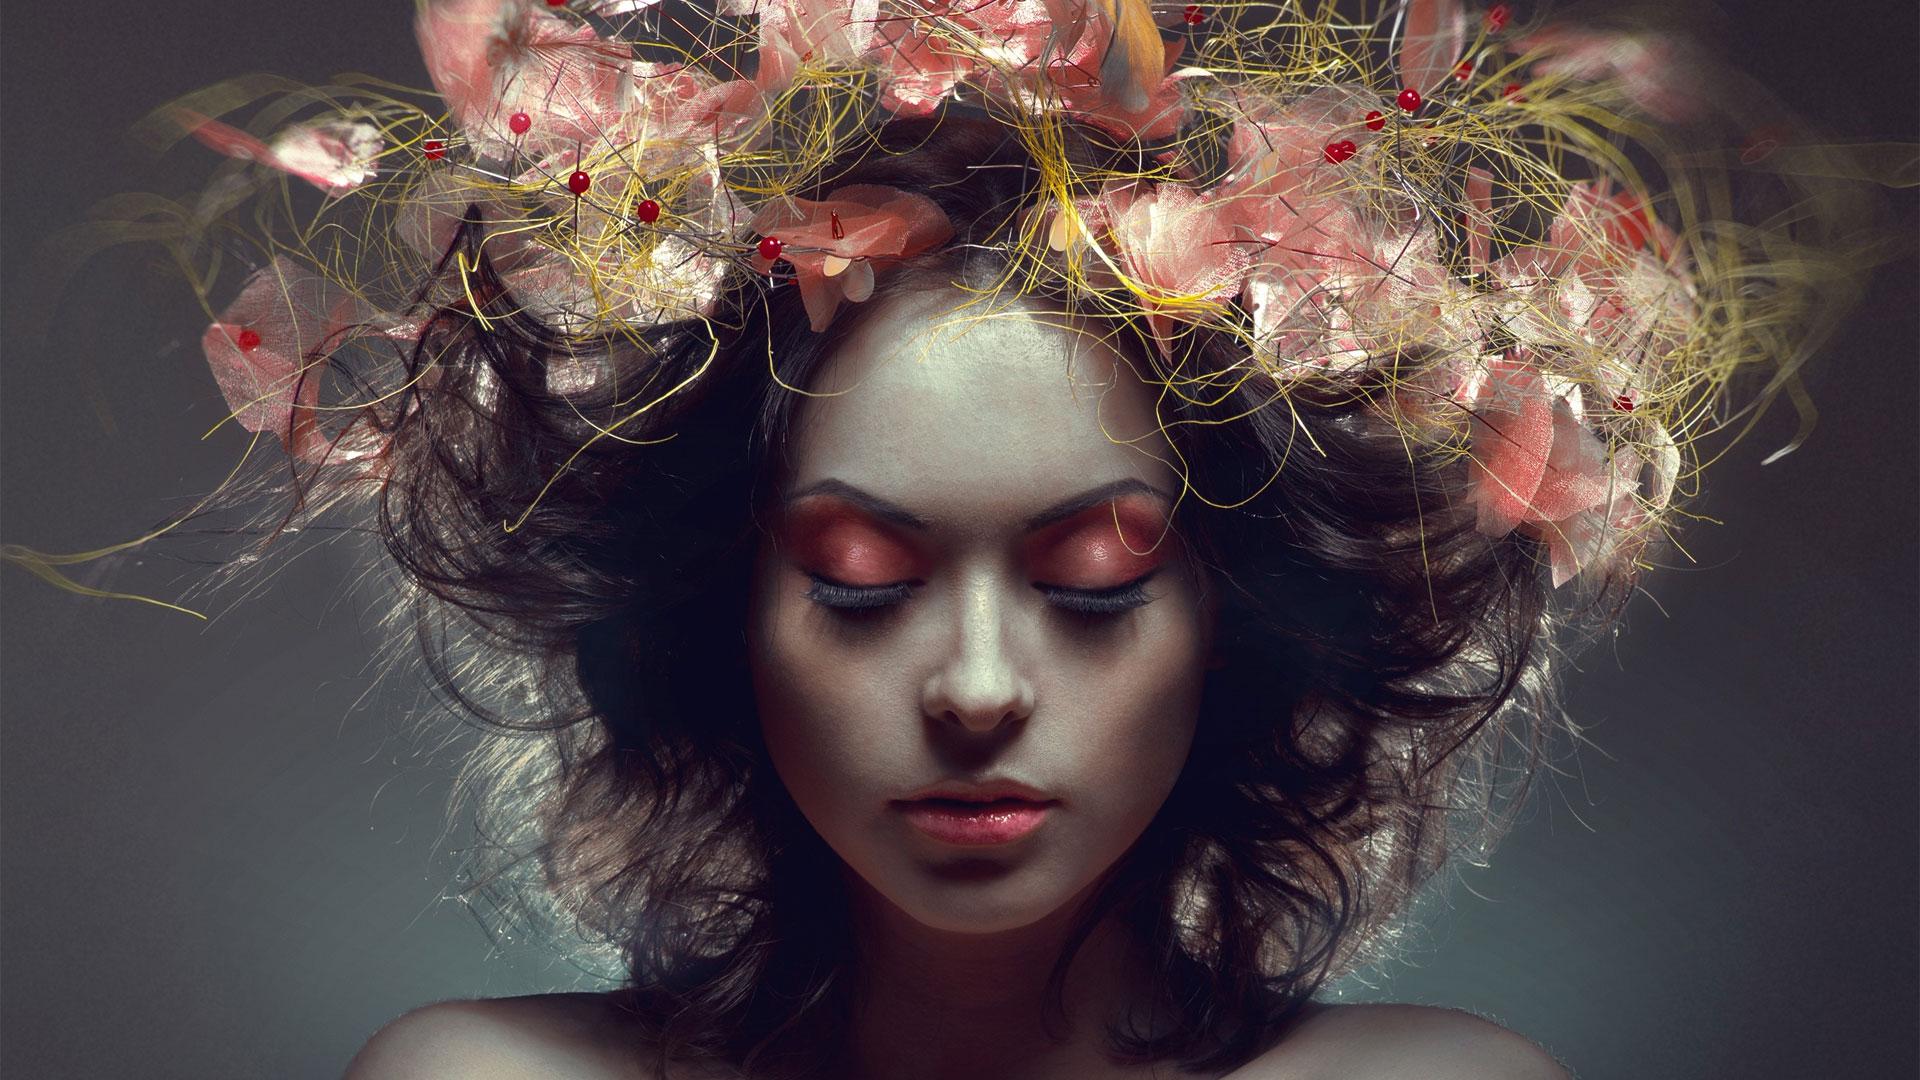 Креативное профессиональное фото девушек и смотри мировых авторов 11